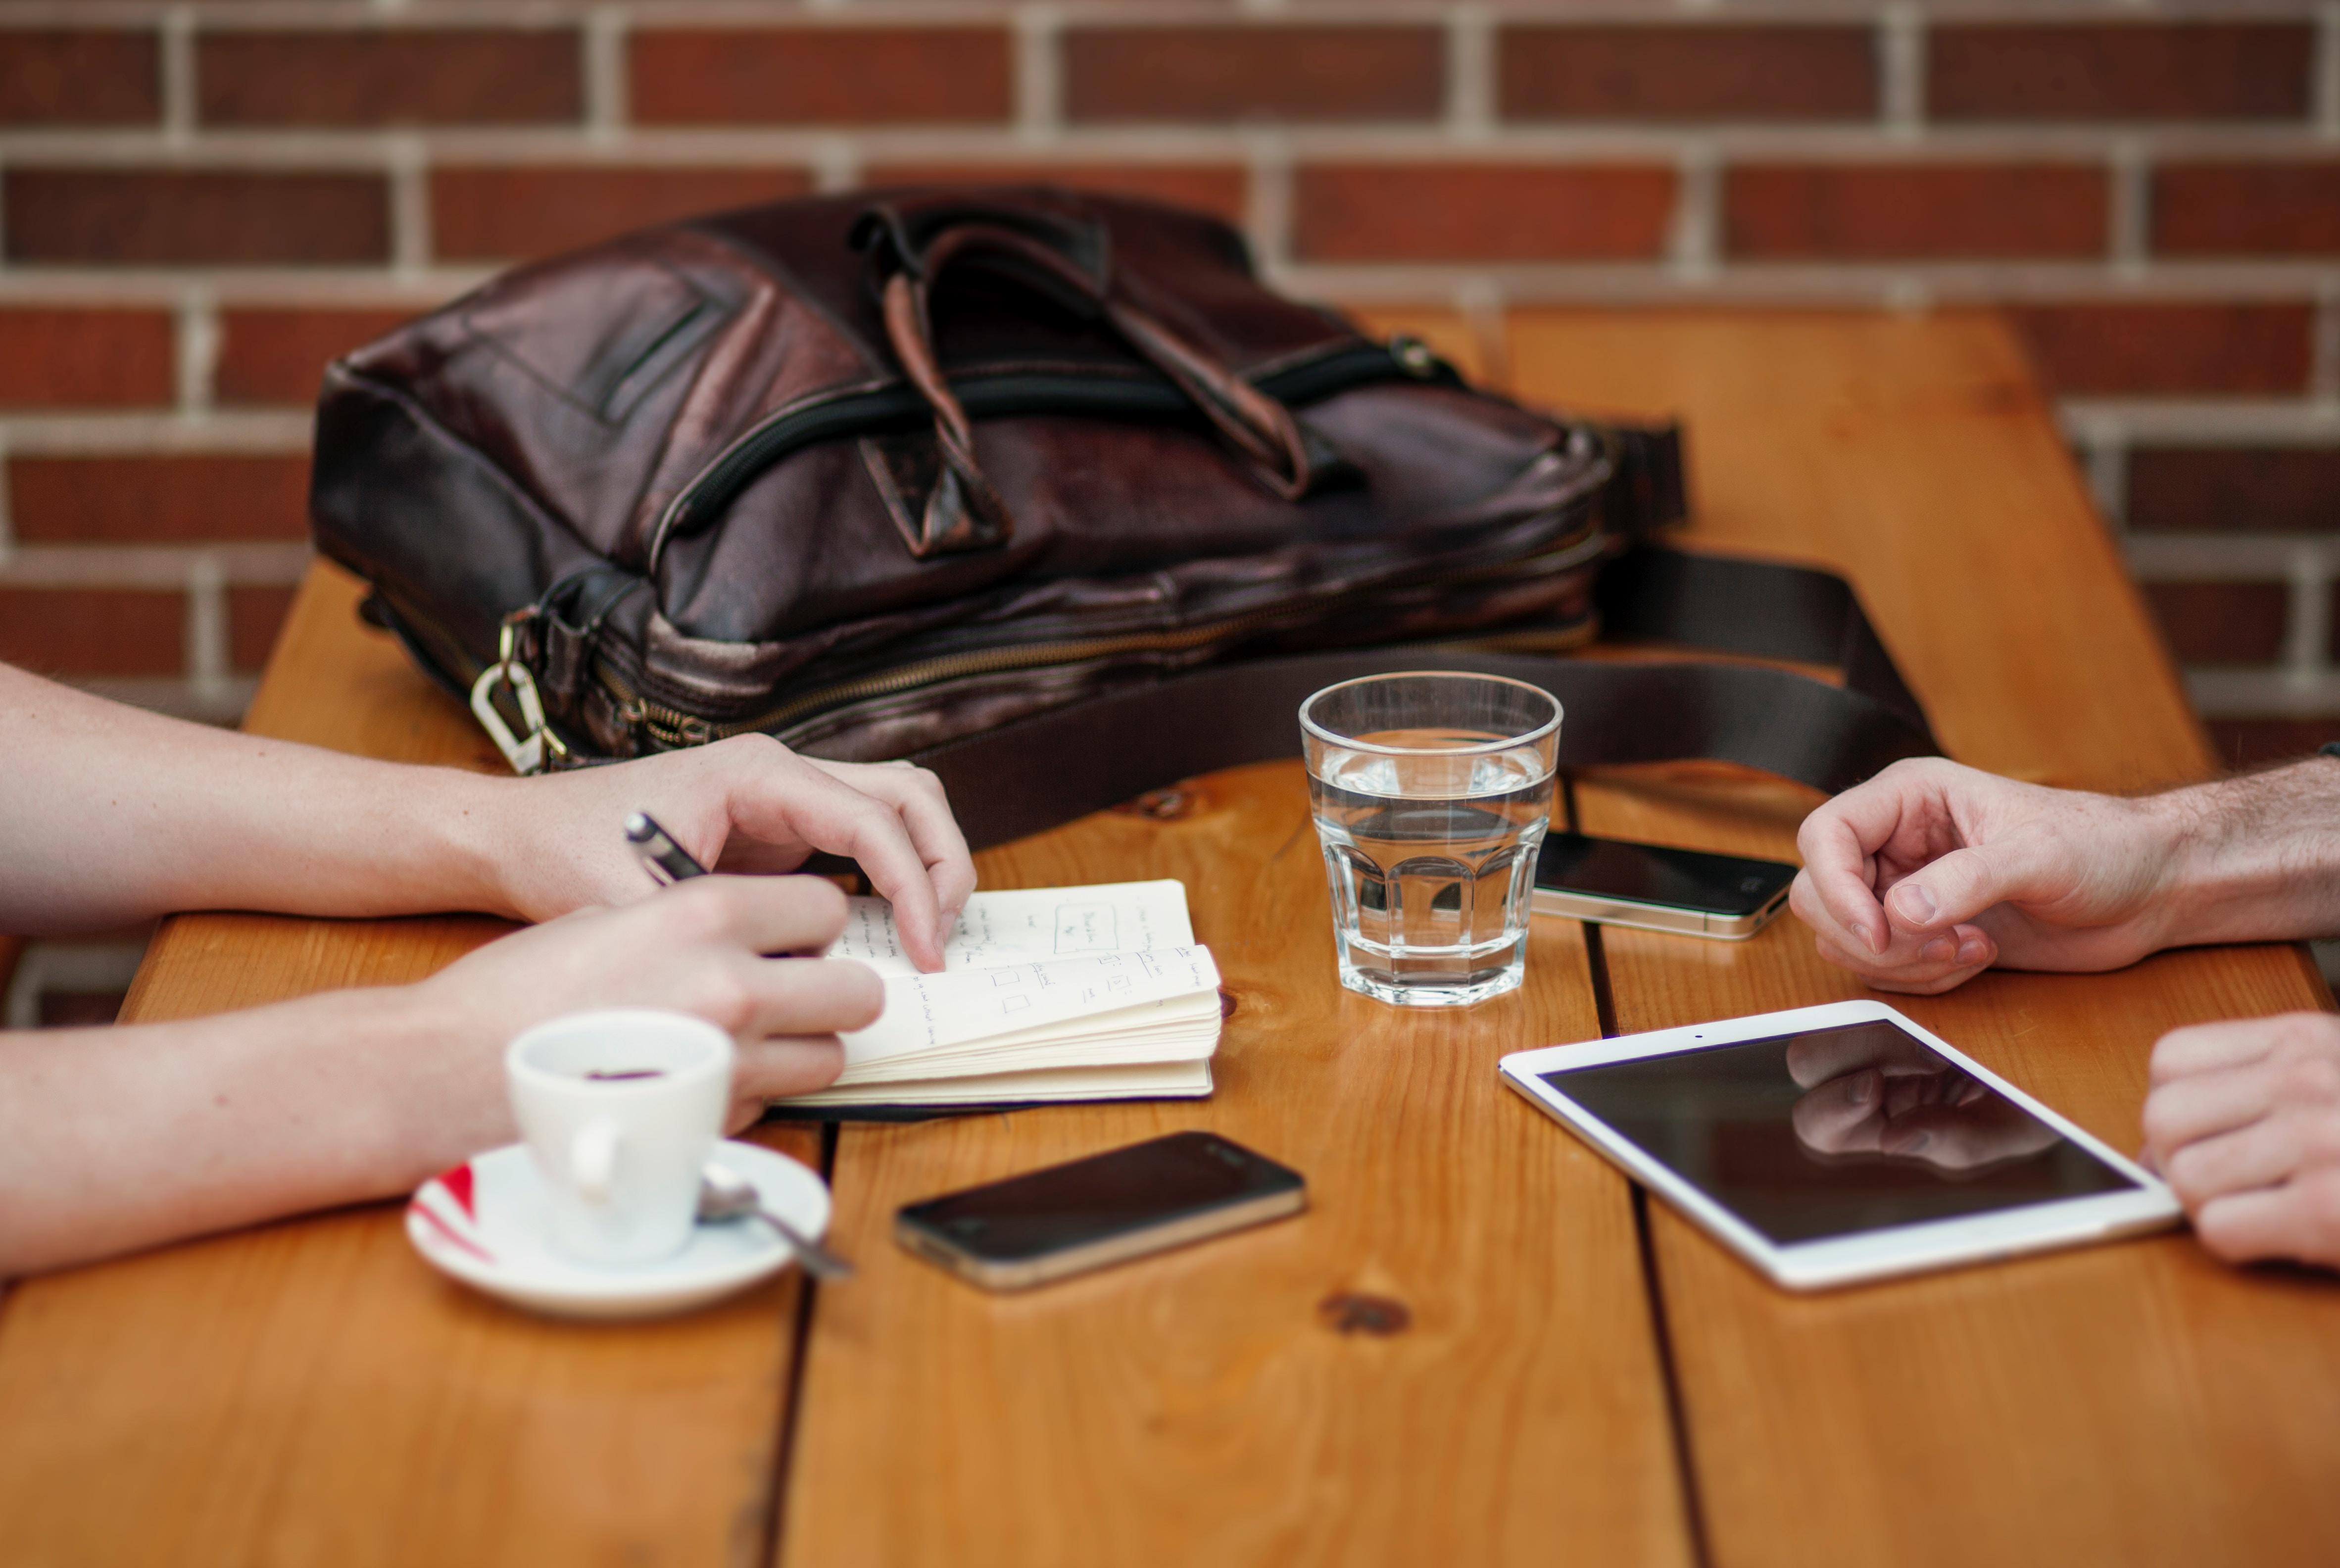 Comprendre ton client pour mieux communiquer : réflexions autour du livre Internet est une table pour deux, de Selma Païva